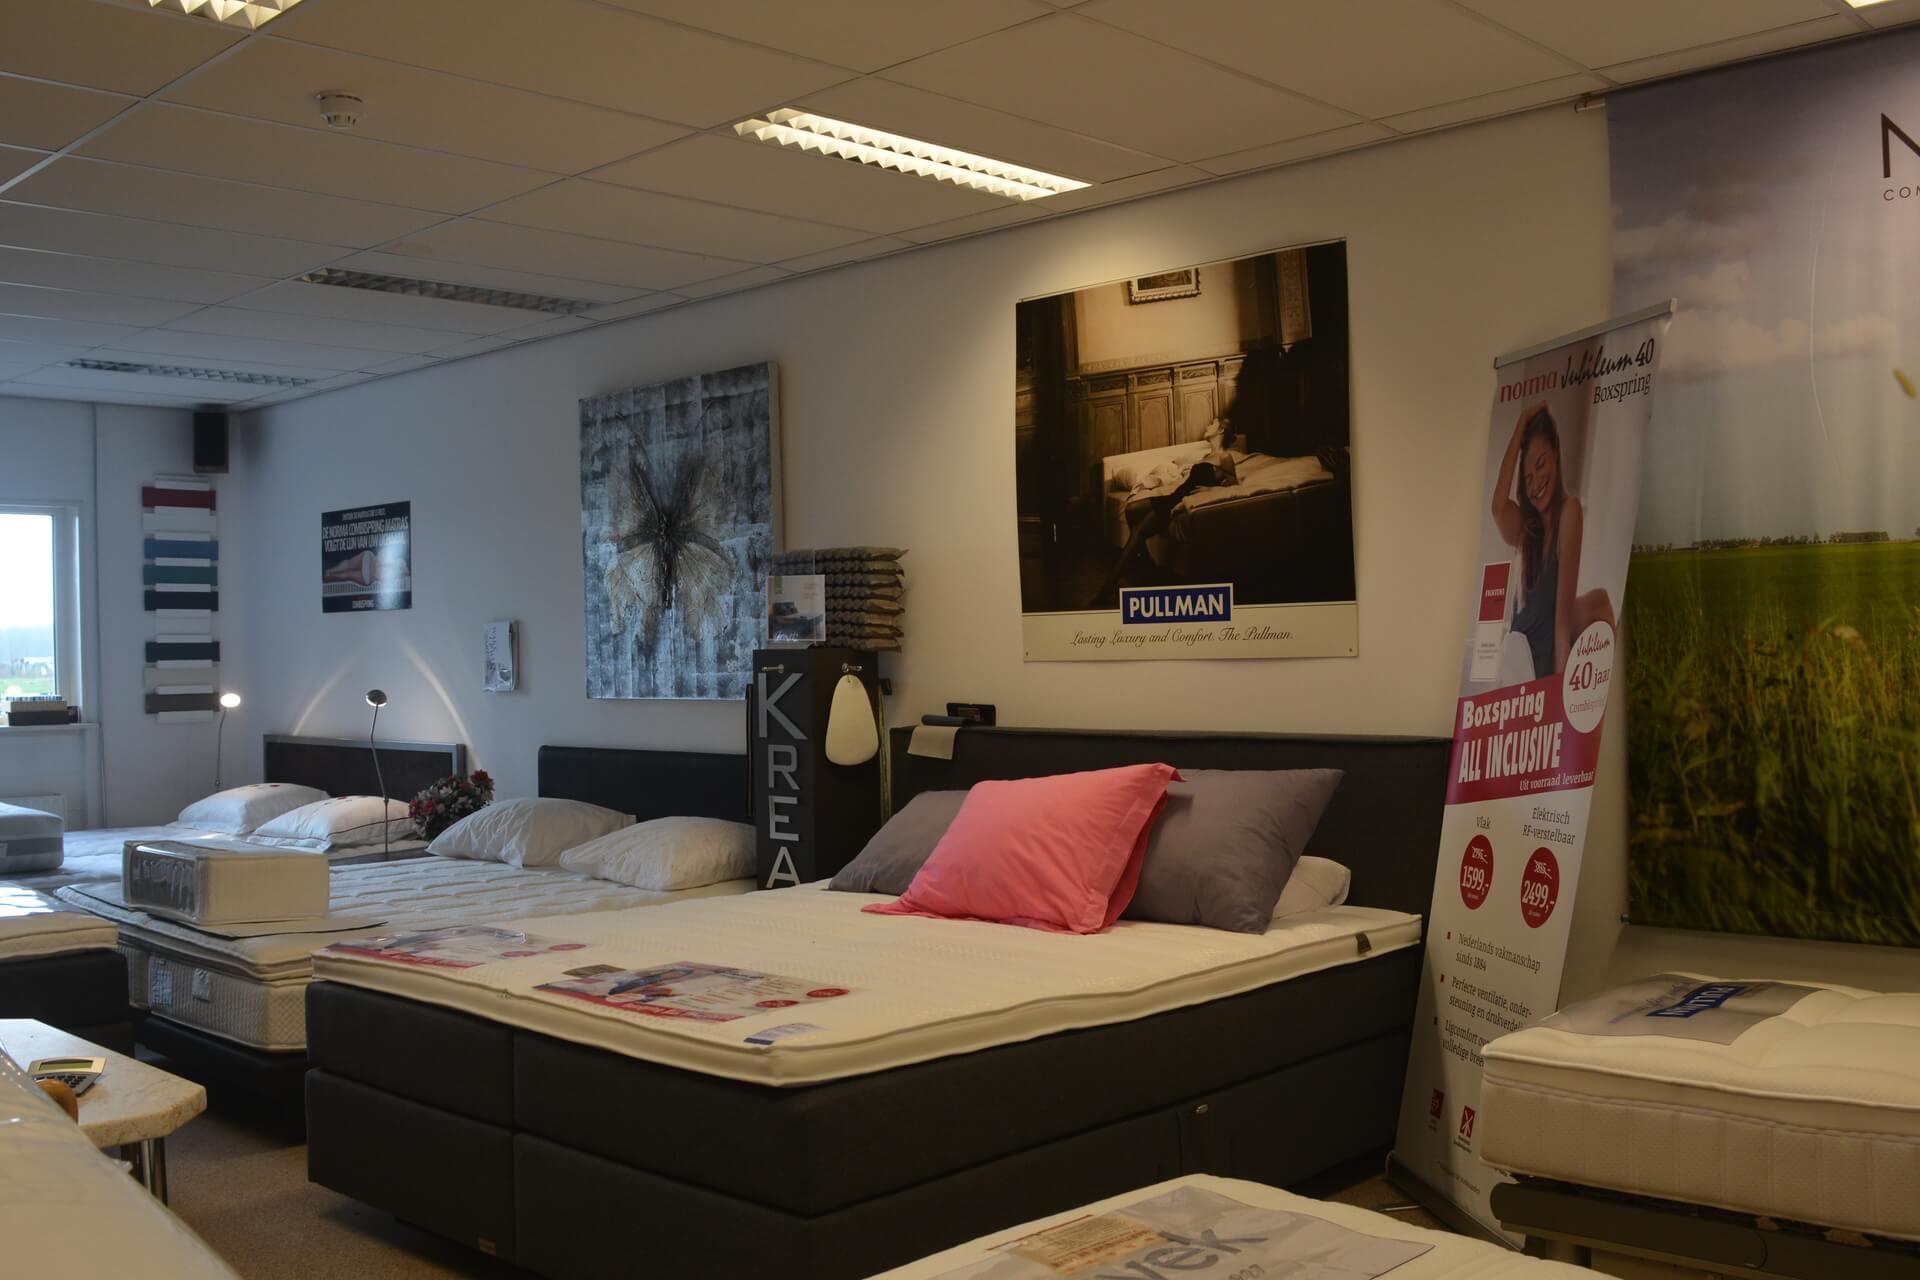 Bedden, slaapkamers in Oostzaan